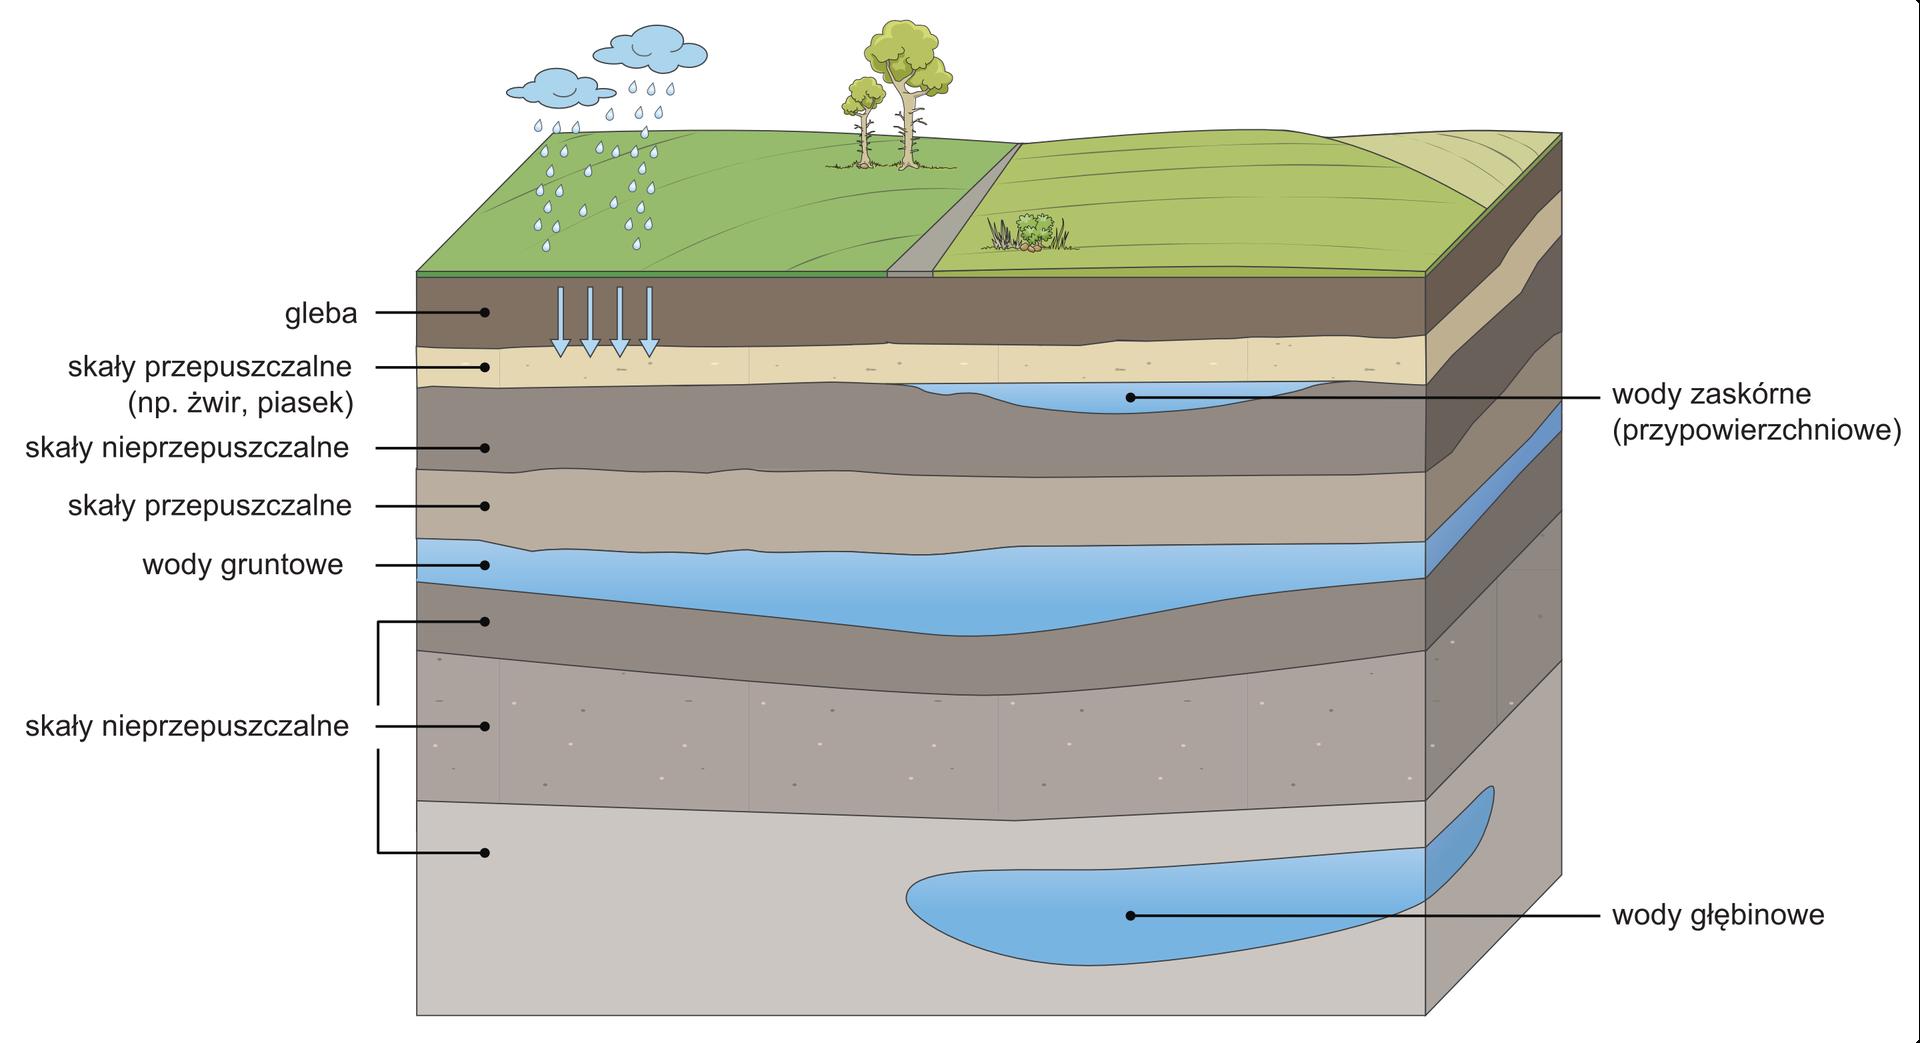 Na ilustracji prostopadłościan zbrązowymi warstwami skał poprzedzielanymi warstwami wody. Na wierzchu trawa idrzewa. Zchmur powyżej powierzchni trawy pada deszcz. Zlewej strony ilustracji opisano rodzaje skał iwód przedstawionych na schemacie. Są to naprzemiennie skały przepuszczalne inieprzepuszczalne. Pomiędzy nimi wody: zaskórne (przypowierzchniowe), gruntowe igłębinowe.